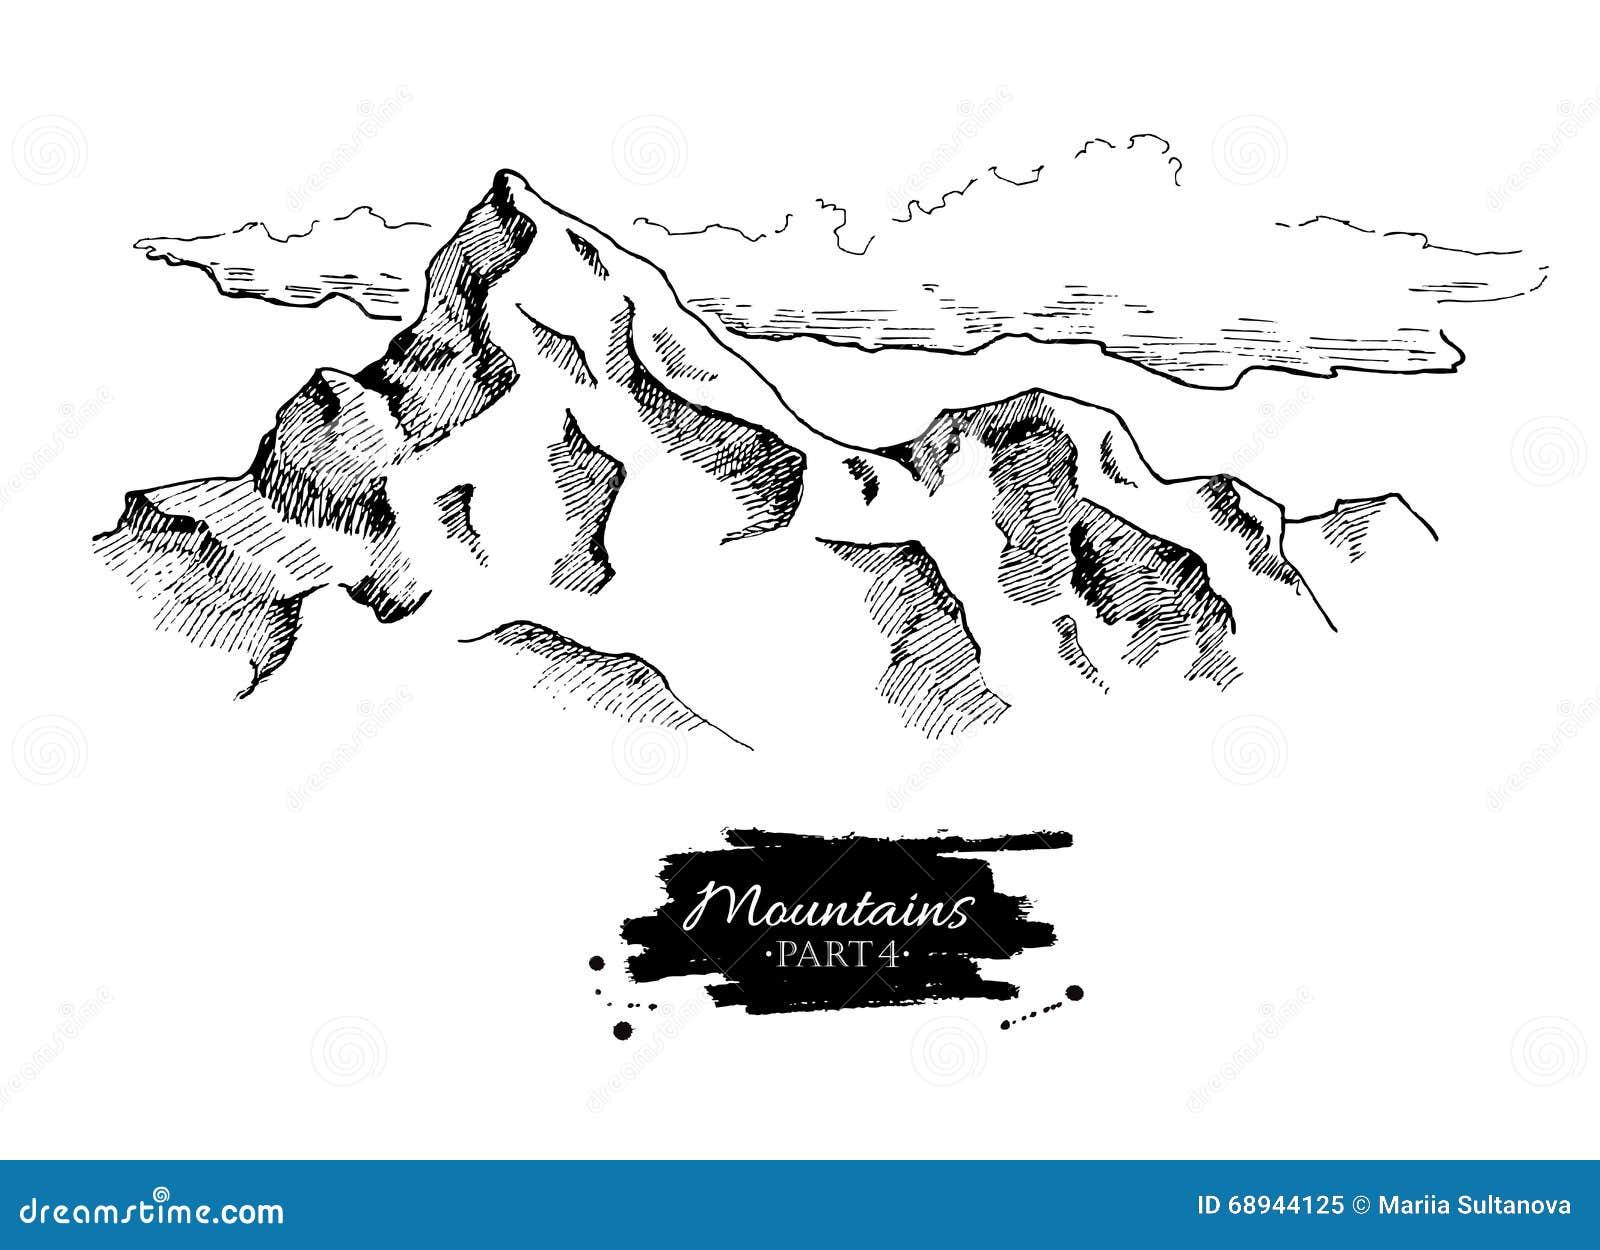 Dessin de montagnes de vecteur illustrations tir es par la main de montagnes illustration de - Dessin de montagne ...